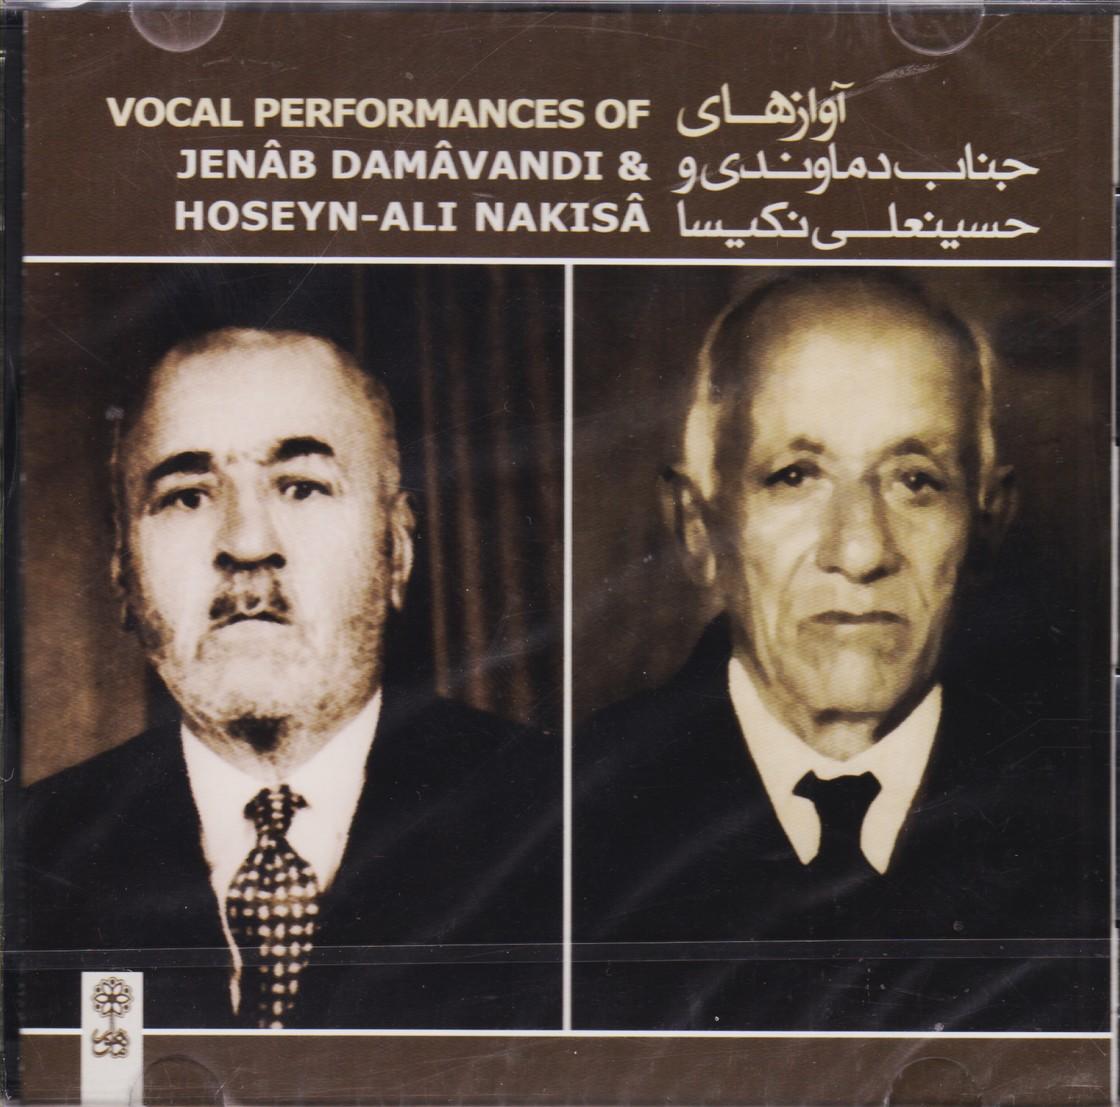 آوازهای جناب دماوندی و حسینعلی نکیسا